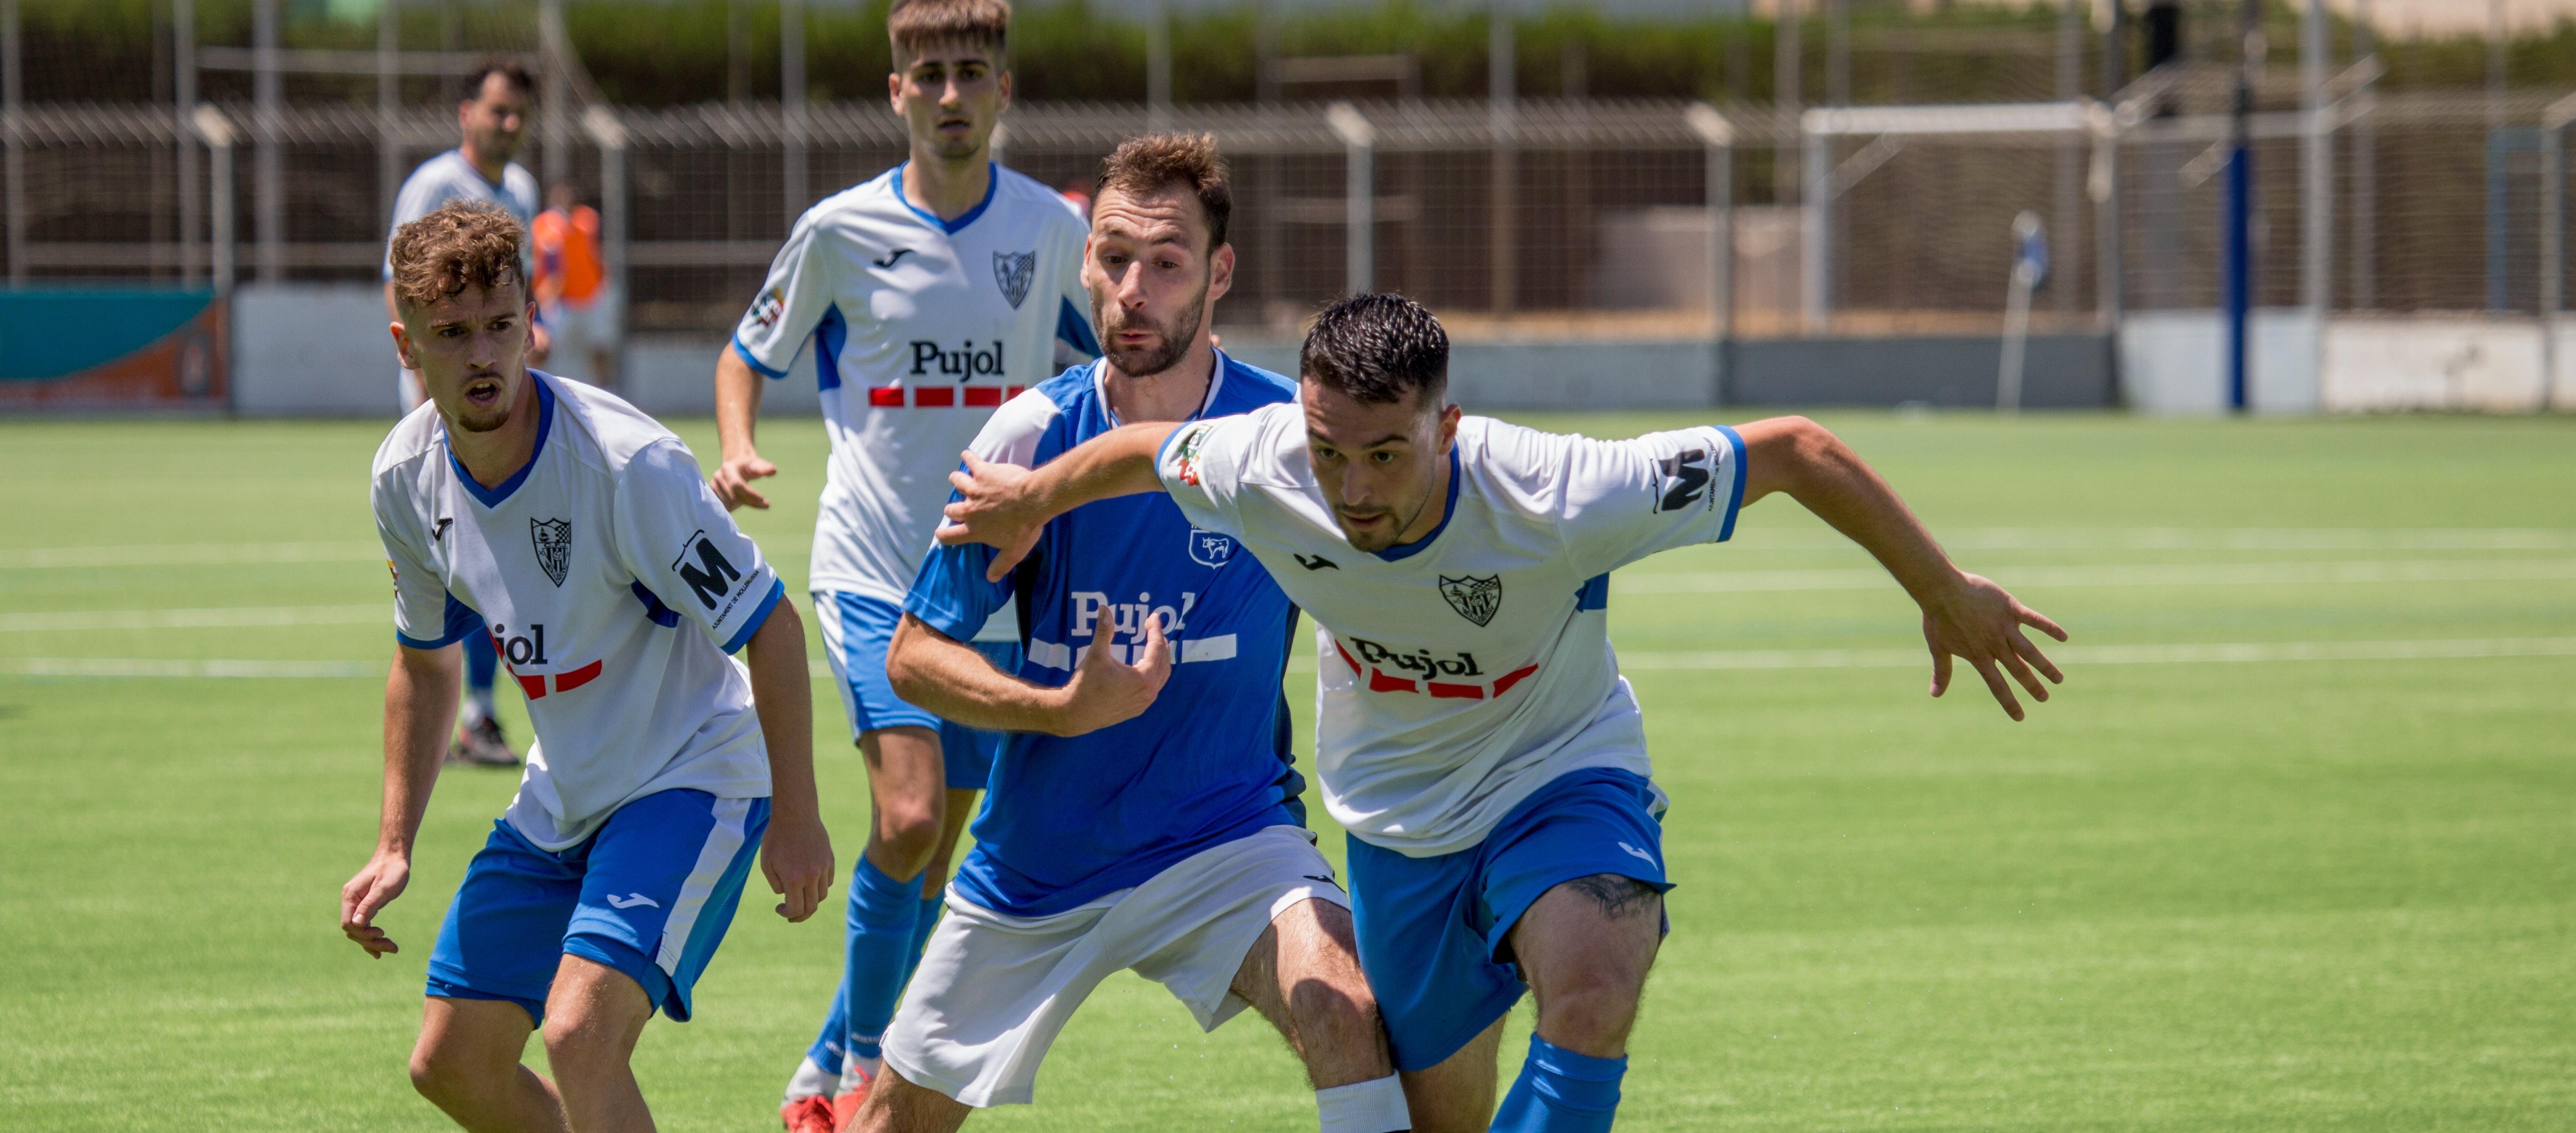 La UE Tona, l'EE Guineueta, el FC Ascó i el CFJ Mollerussa, els quatre classificats per a la fase d'ascens a Tercera RFEF